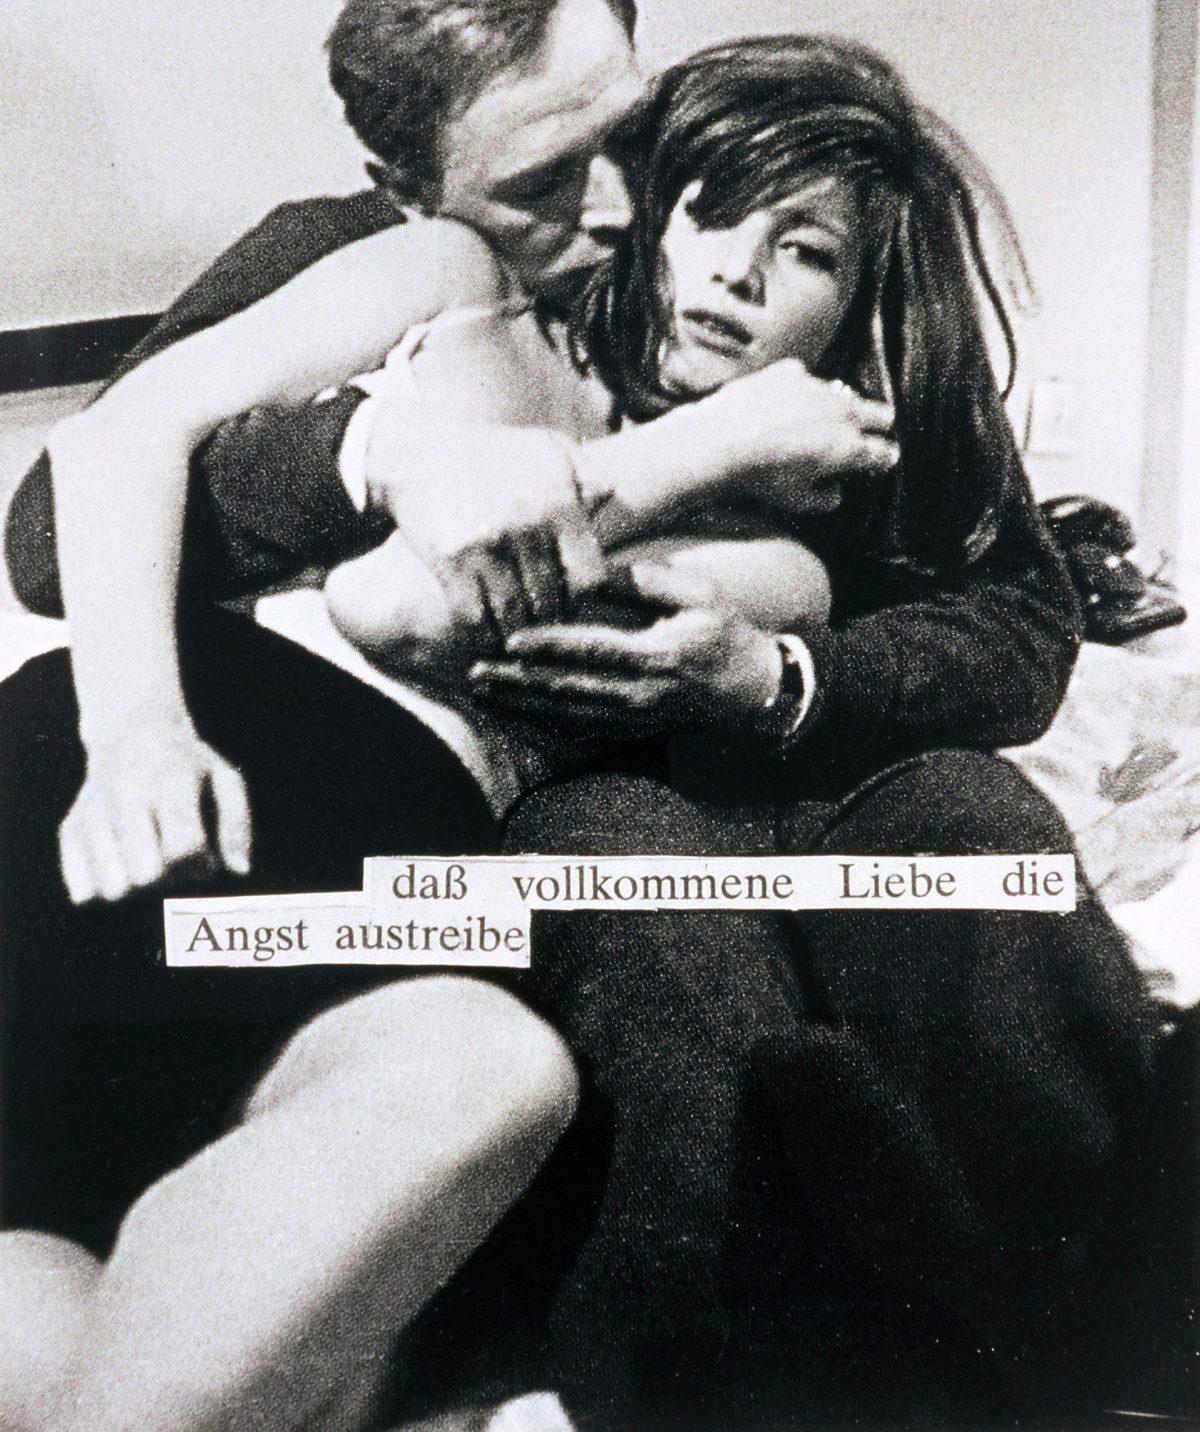 """Die Fotoarbeit von Astrid Klein """"Ohne Titel (daß vollkommene Liebe …)"""""""